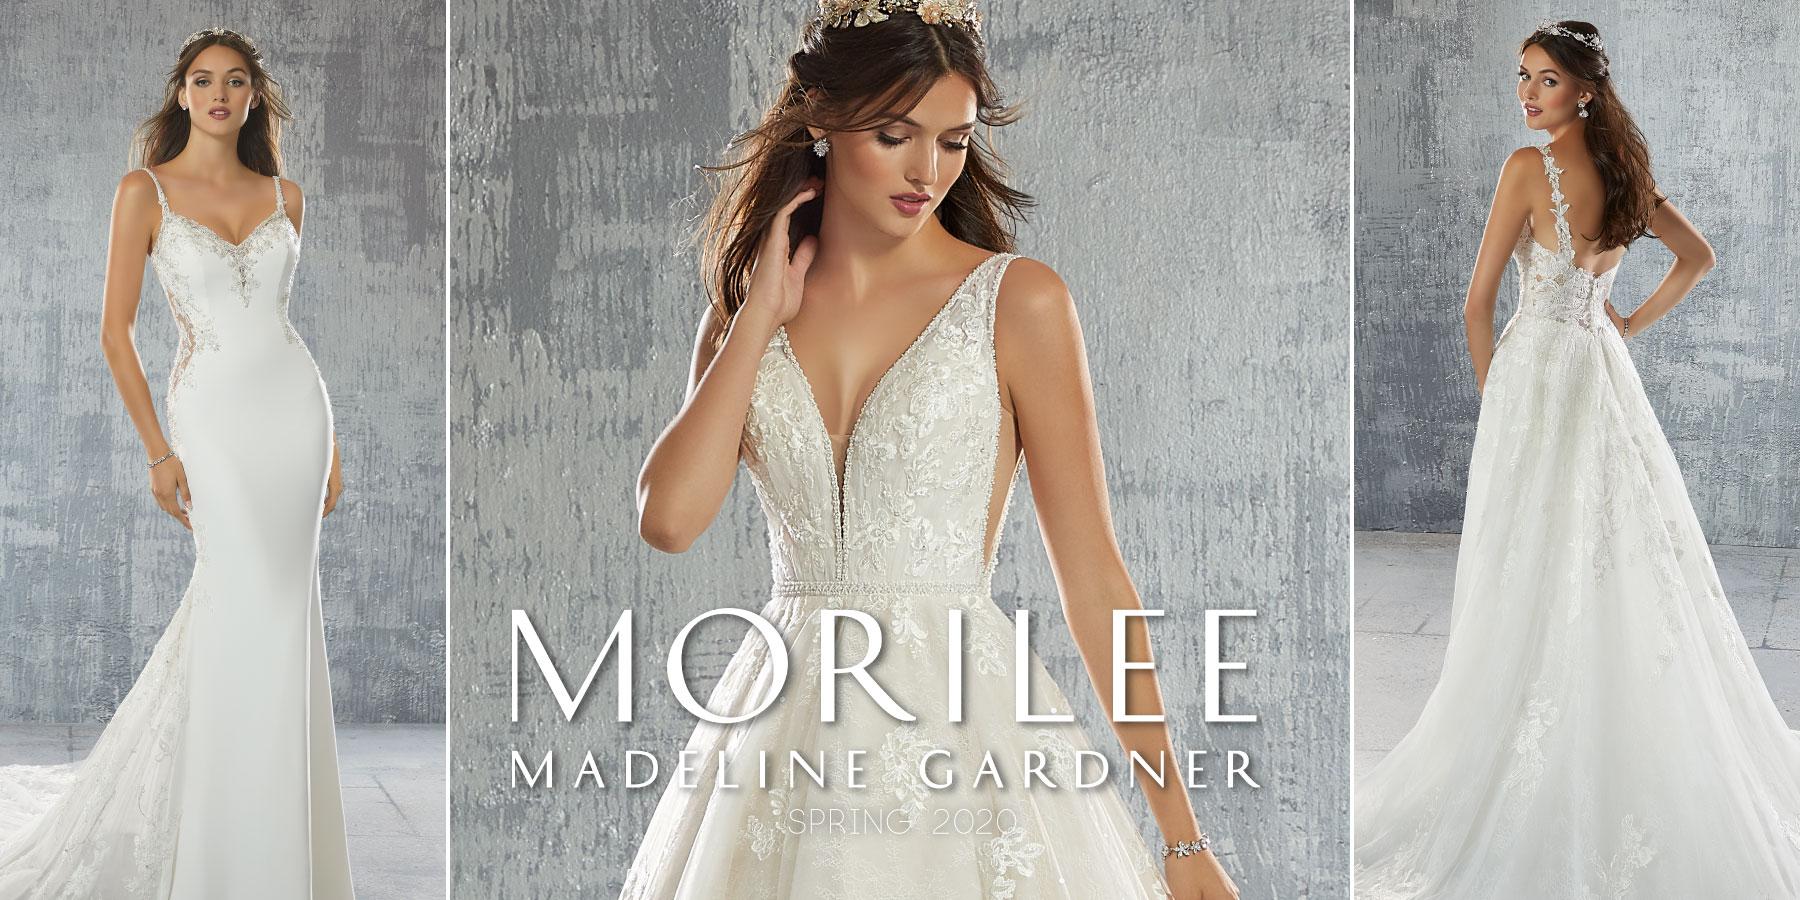 Madeline Gardner